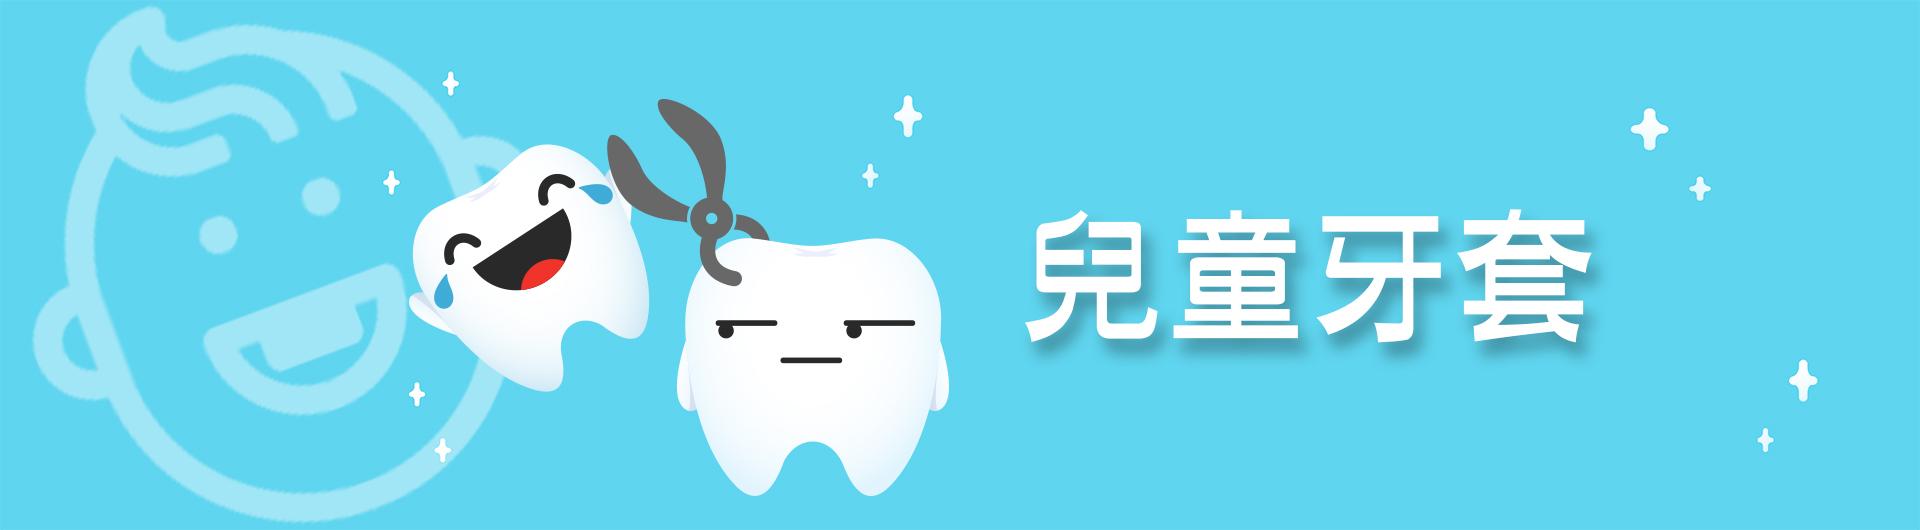 牙套banner1-2